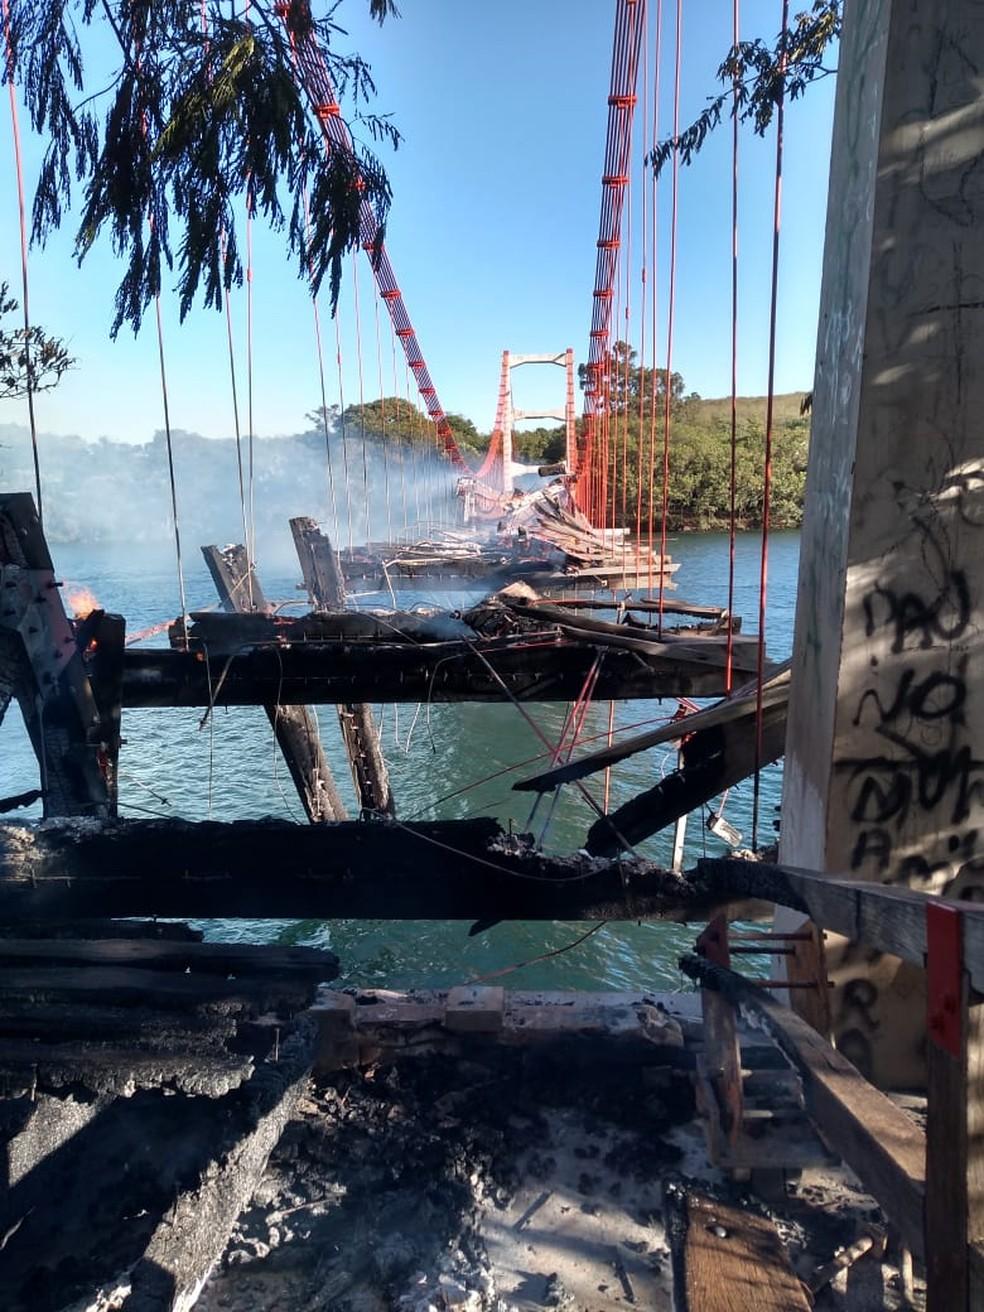 Estrutura de madeira que completa 100 anos no próximo dia 4 de dezembro ficou totalmente destruída no lado paranaense — Foto: Arquivo pessoal